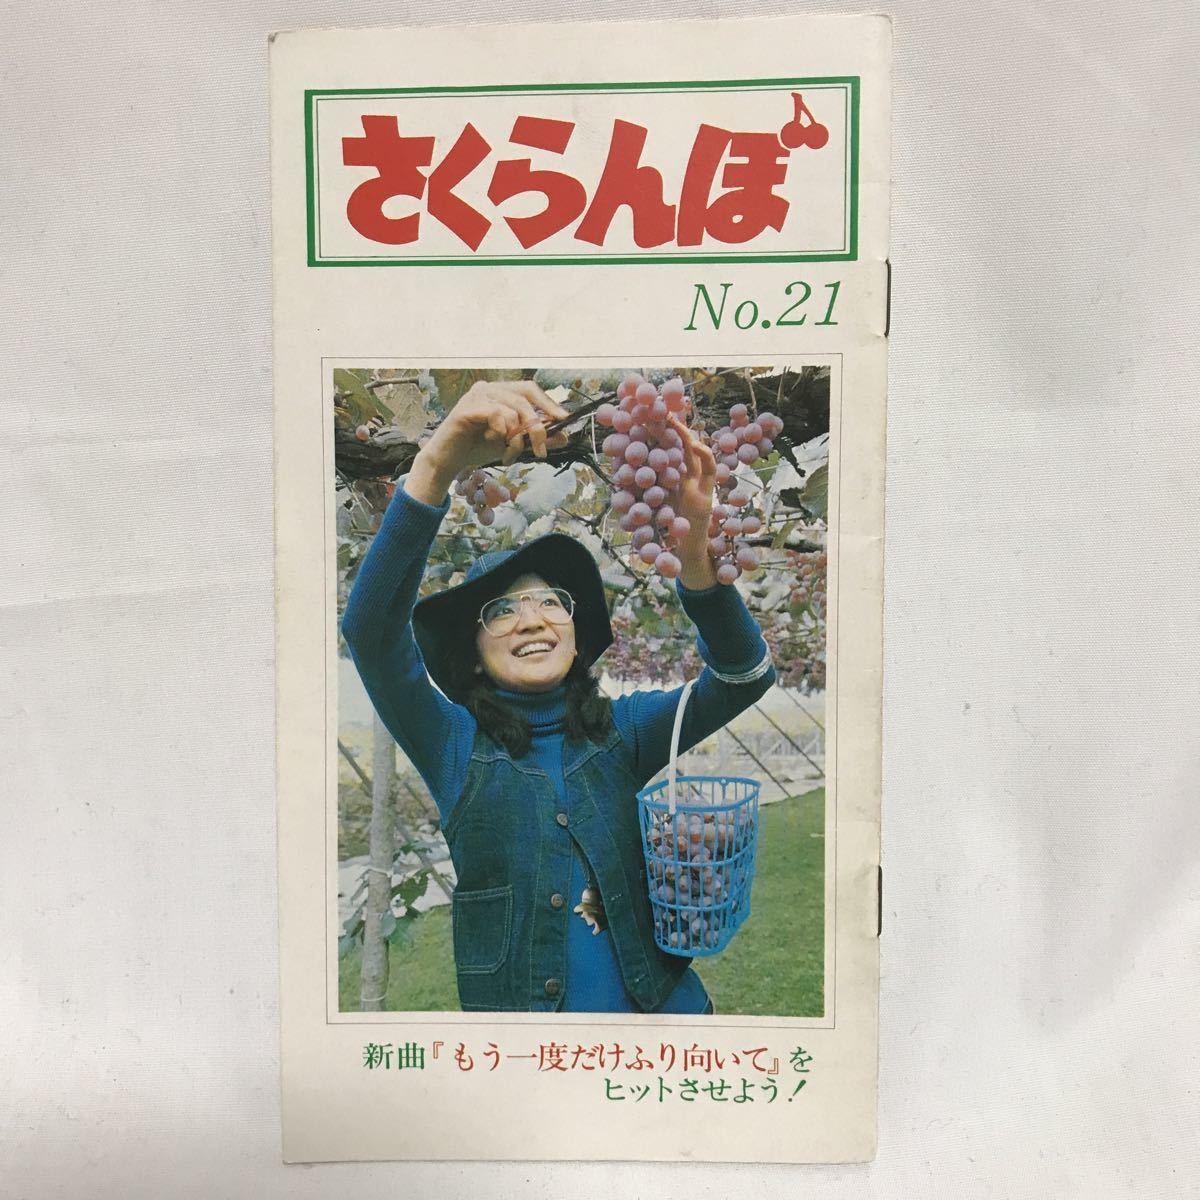 桜田淳子ファンクラブ会報誌/さくらんぼNo.21★黒昭和51年(1976年)発行